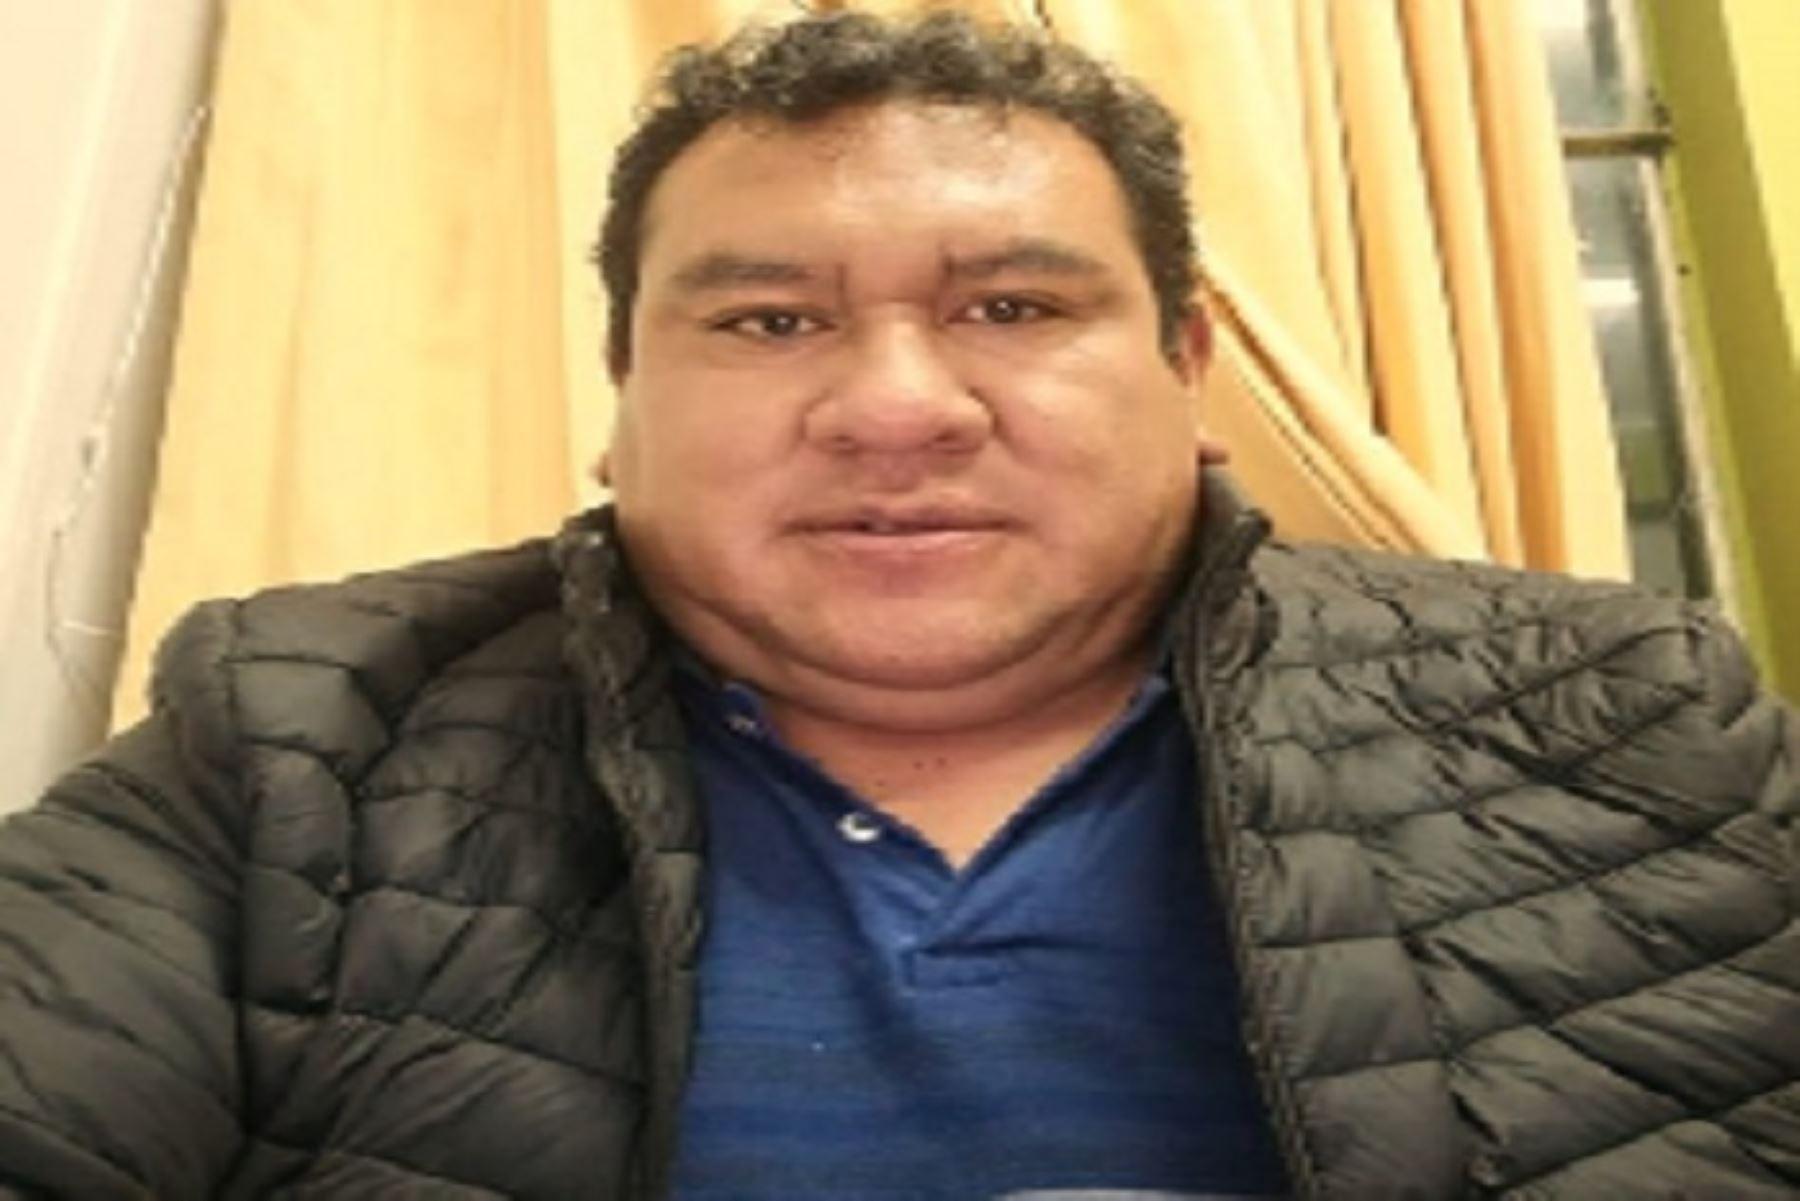 El cuerpo del extinto periodista fue trasladado al distrito de Ticlacayán, donde las autoridades le brindaron un homenaje póstumo.